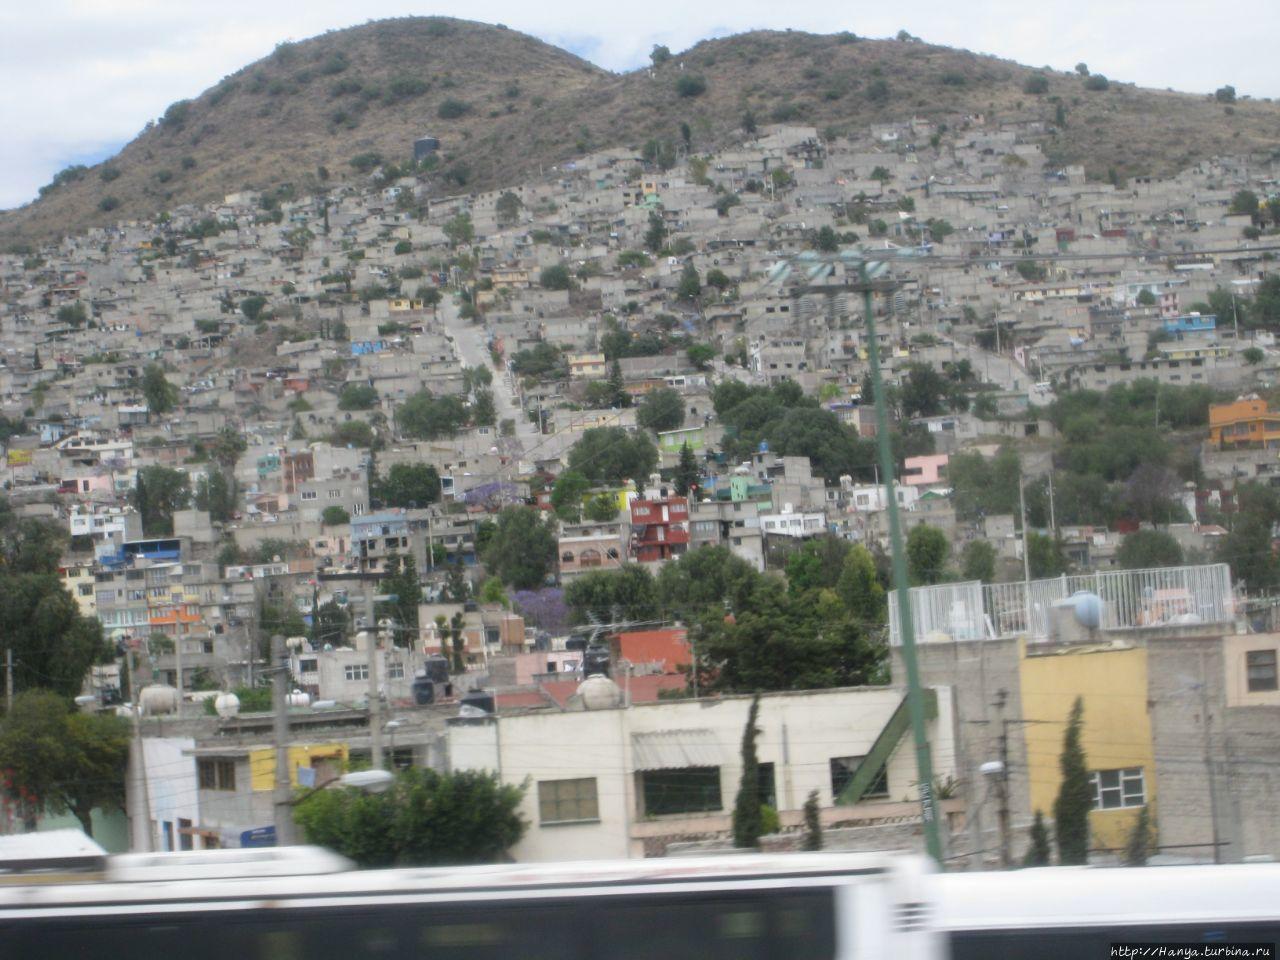 Трущобы пригородов Мехико